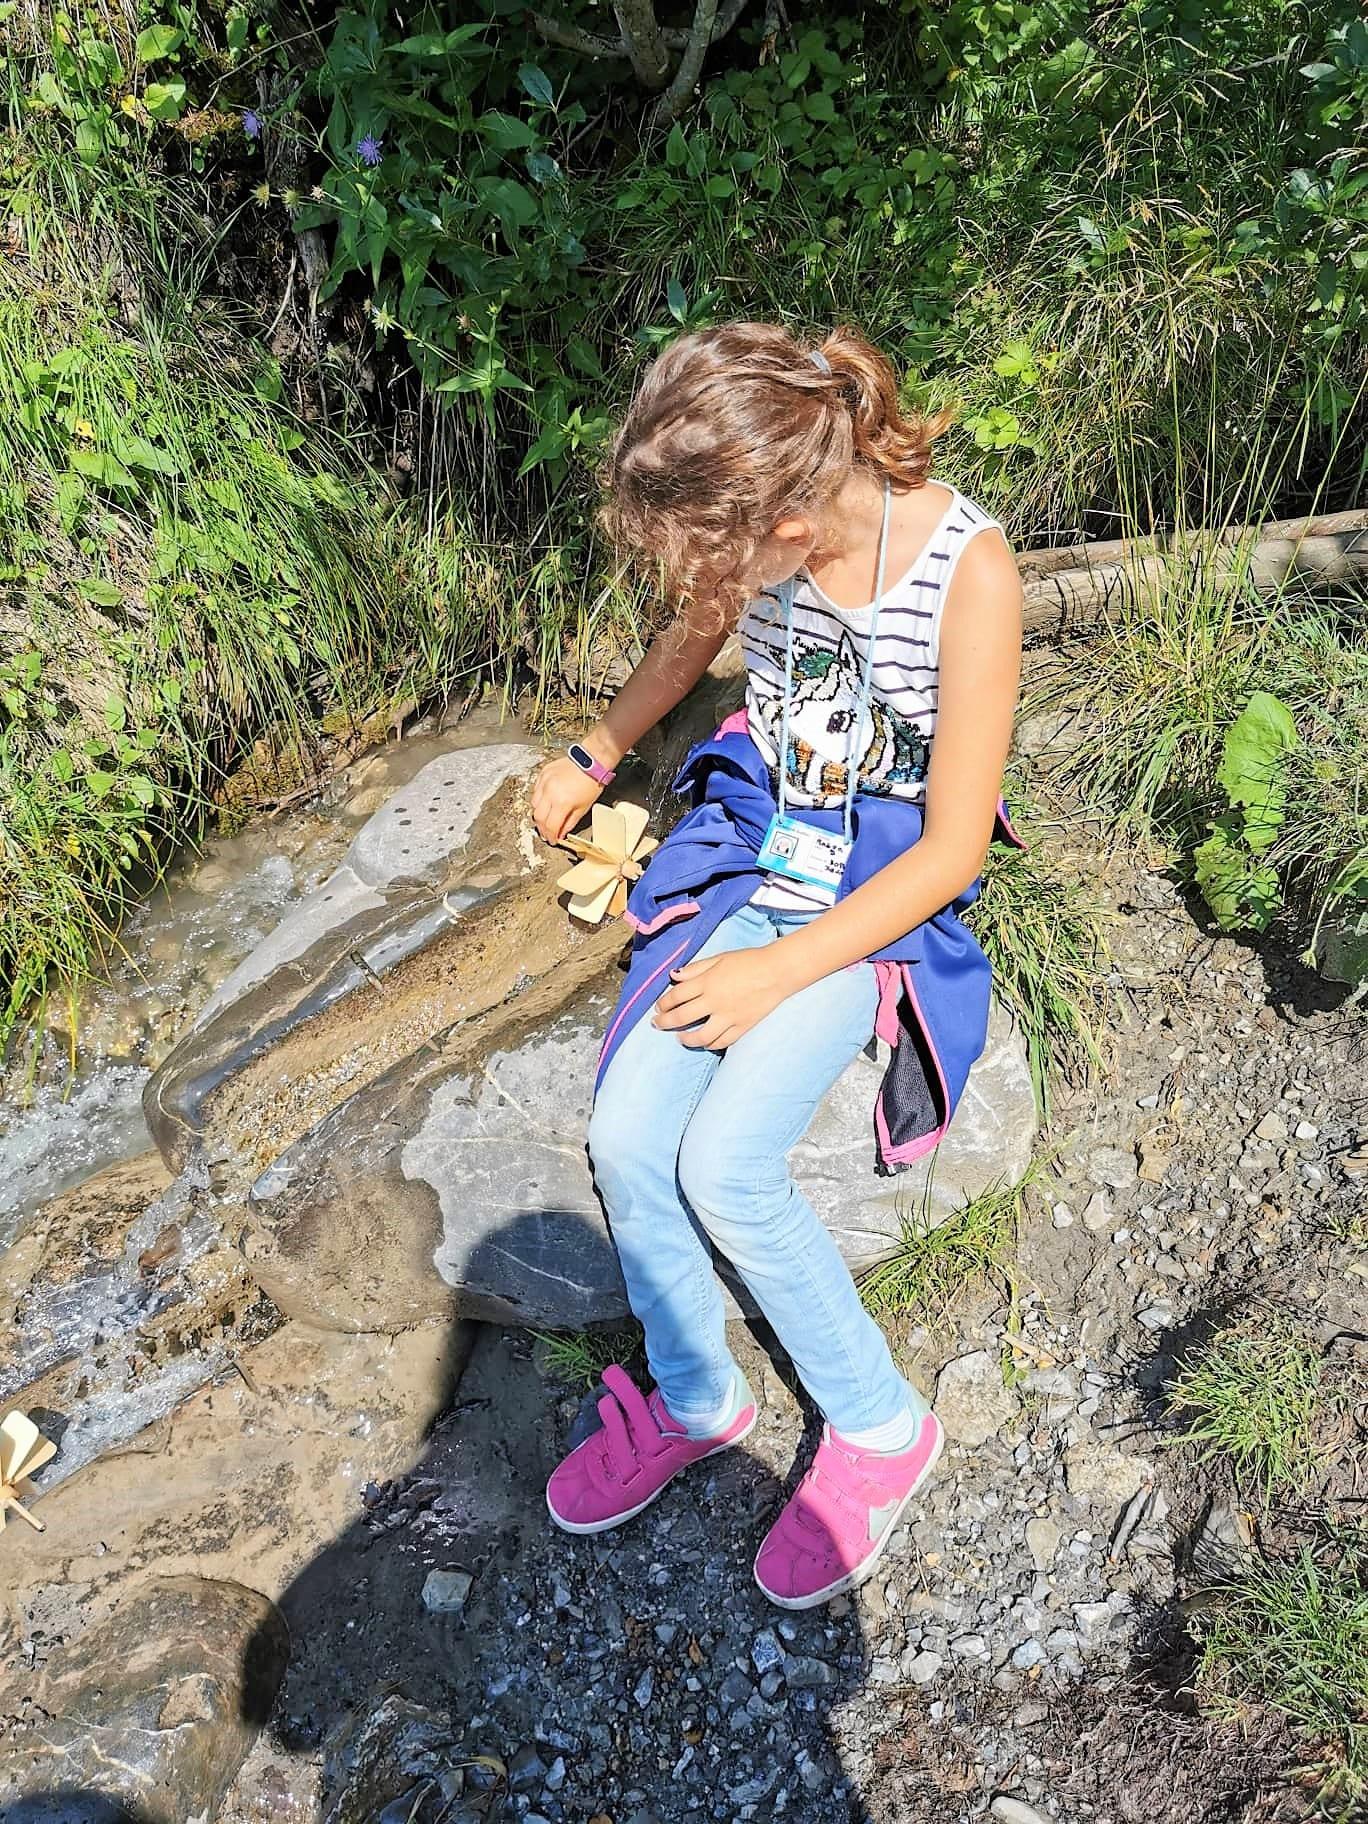 Forscherweg Wasserrad Malbun Liechtenstein